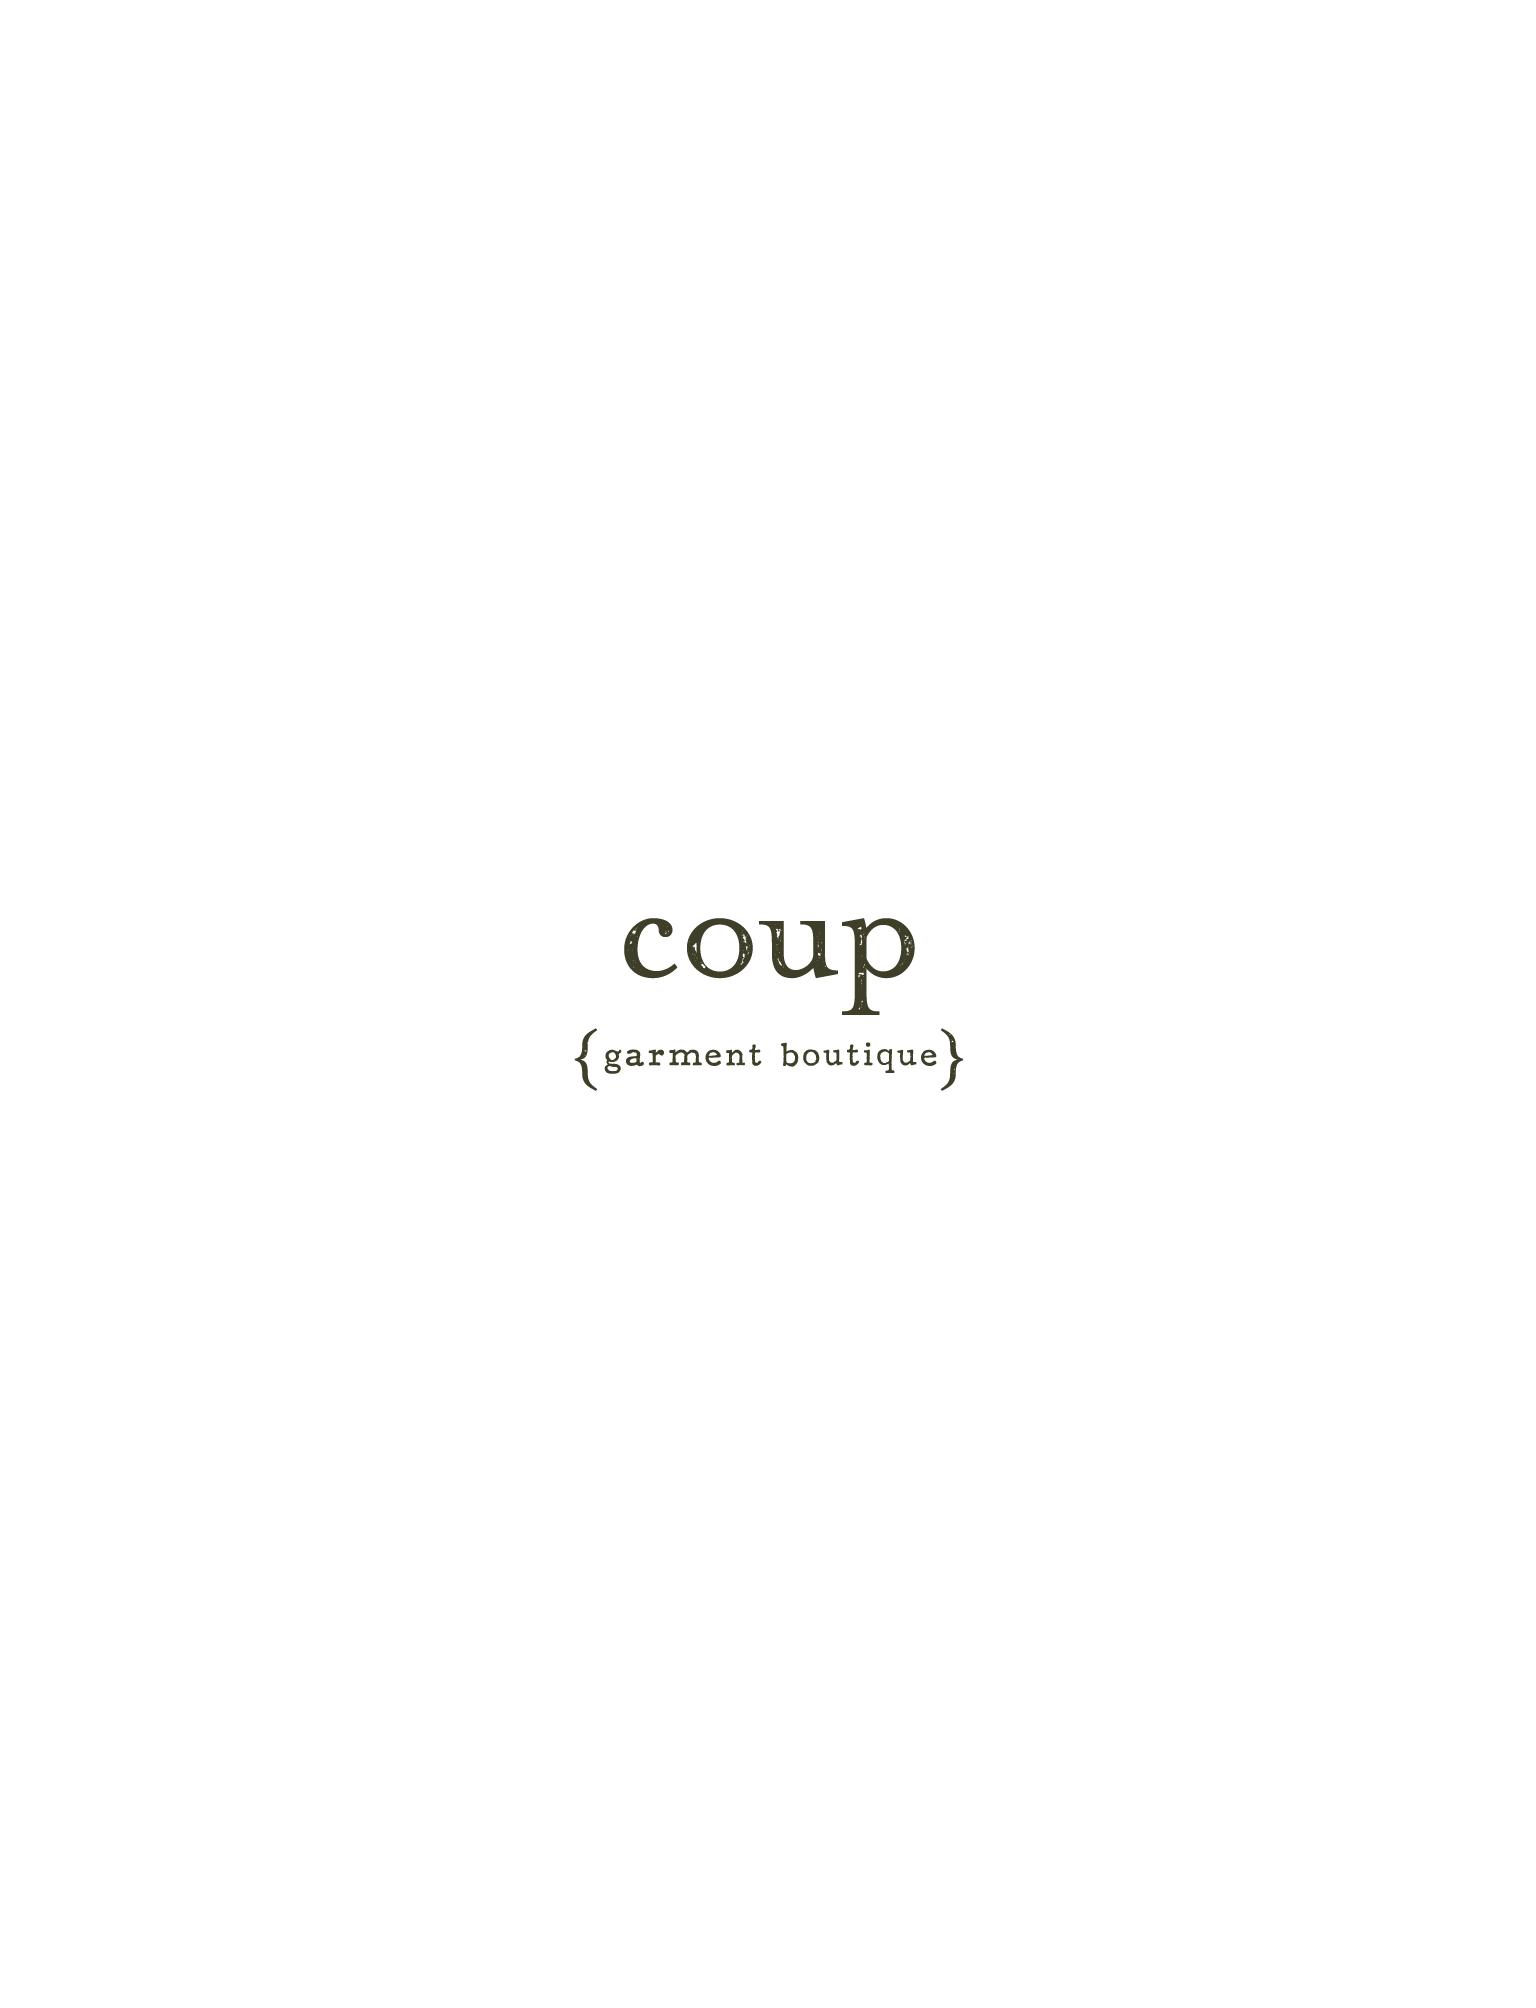 Coup Garment Boutique